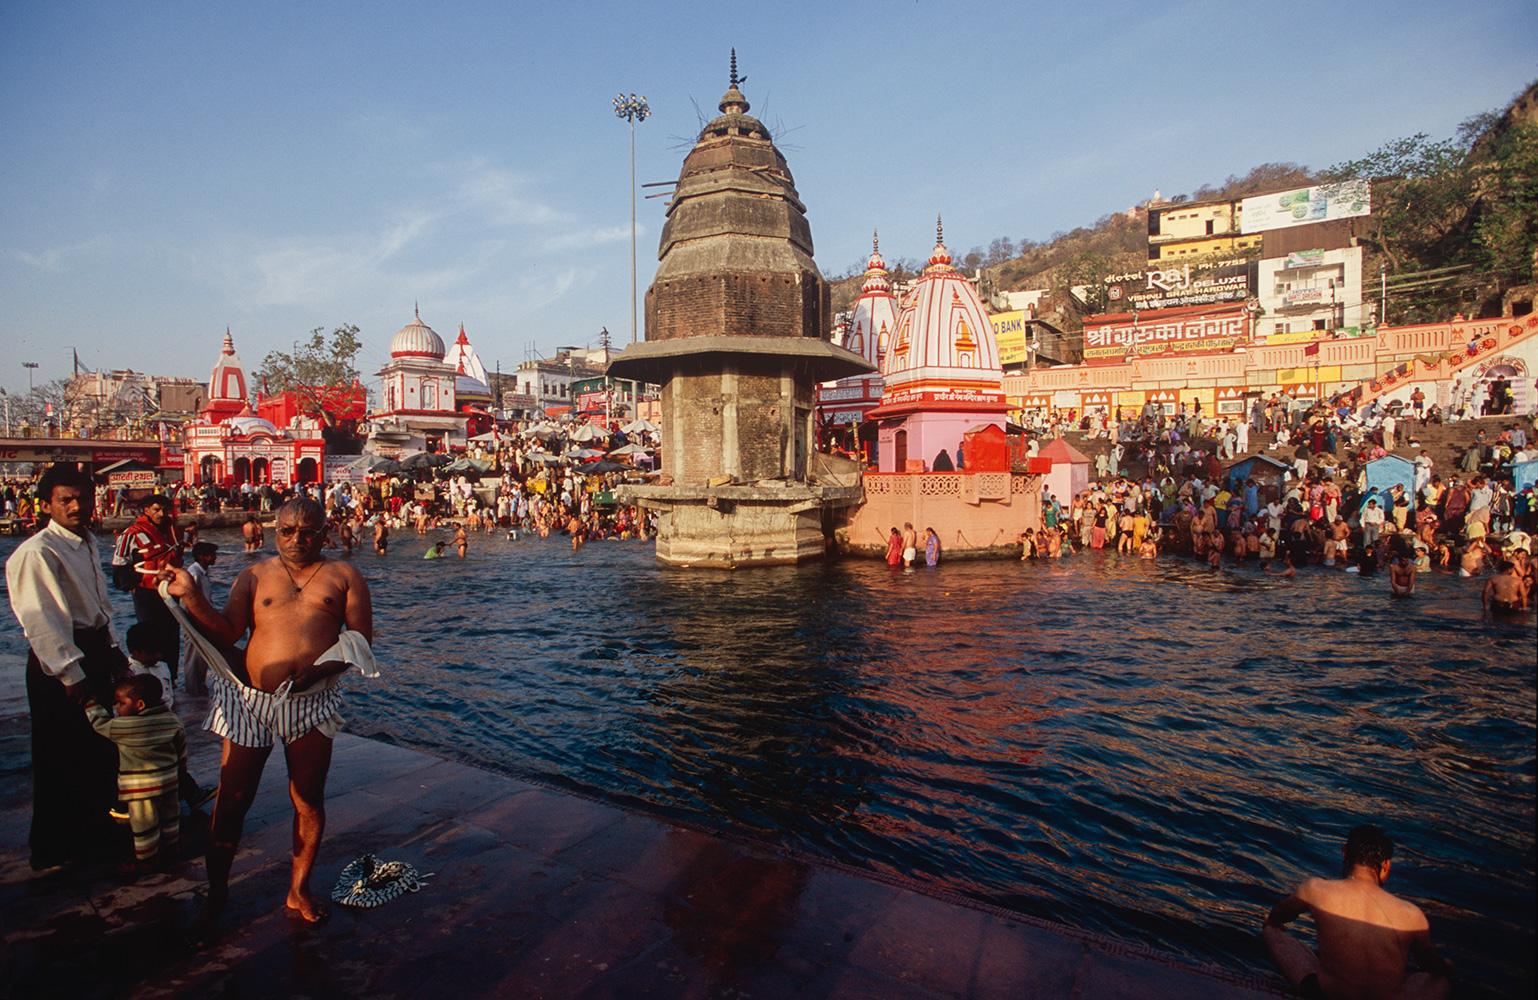 haridwar_riverfront10_2004RVP